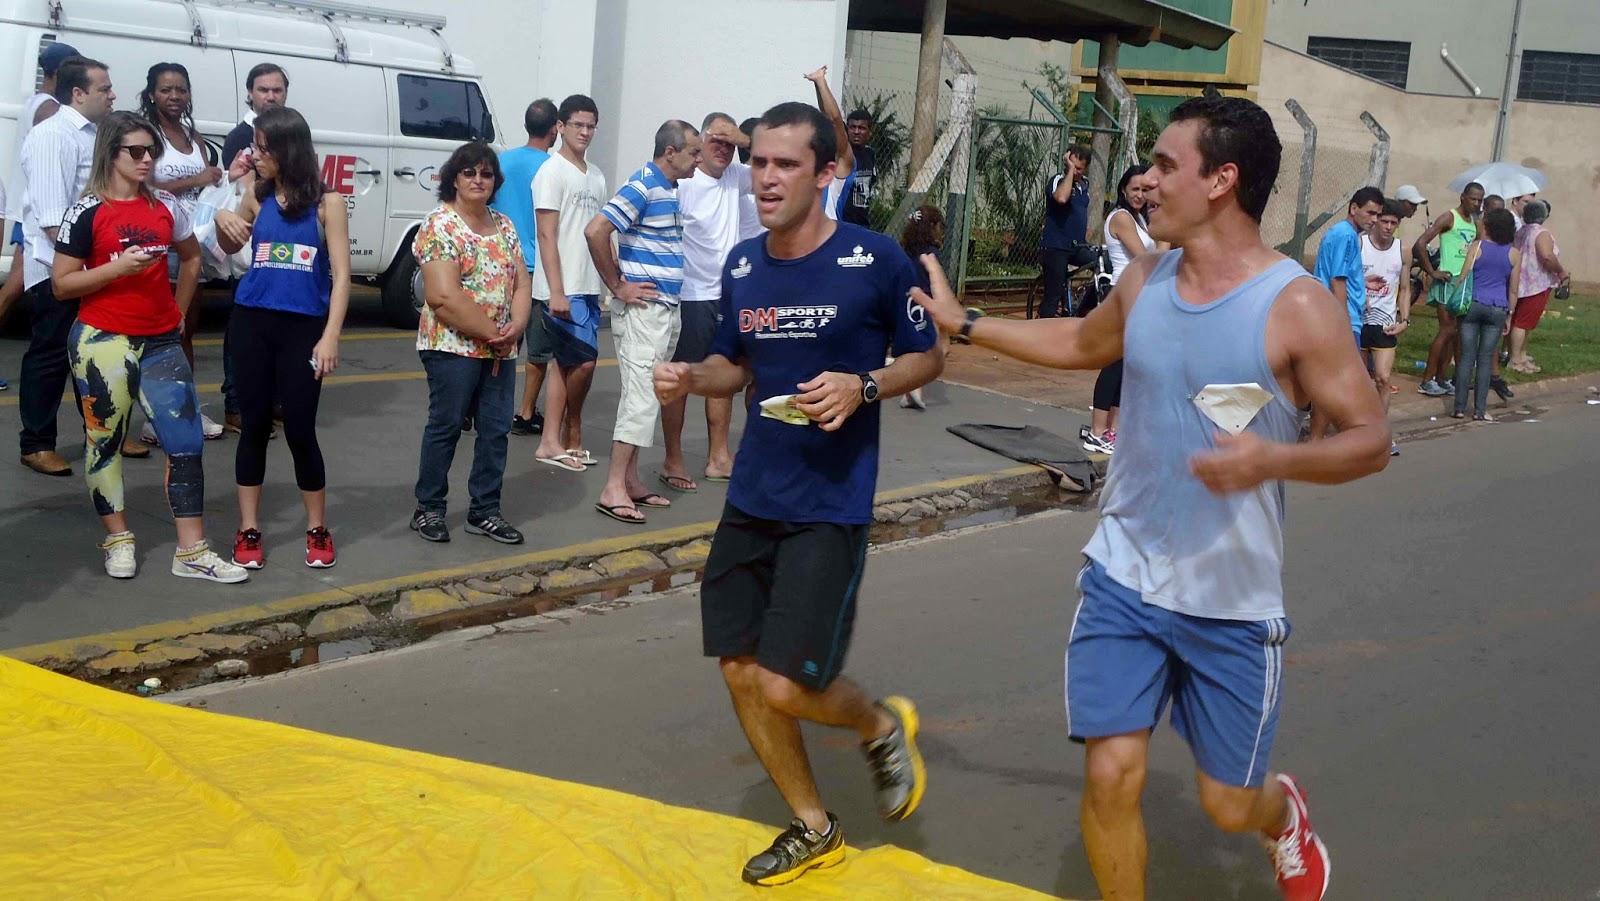 Foto 154 da 1ª Corrida Av. dos Coqueiros em Barretos-SP 14/04/2013 – Atletas cruzando a linha de chegada